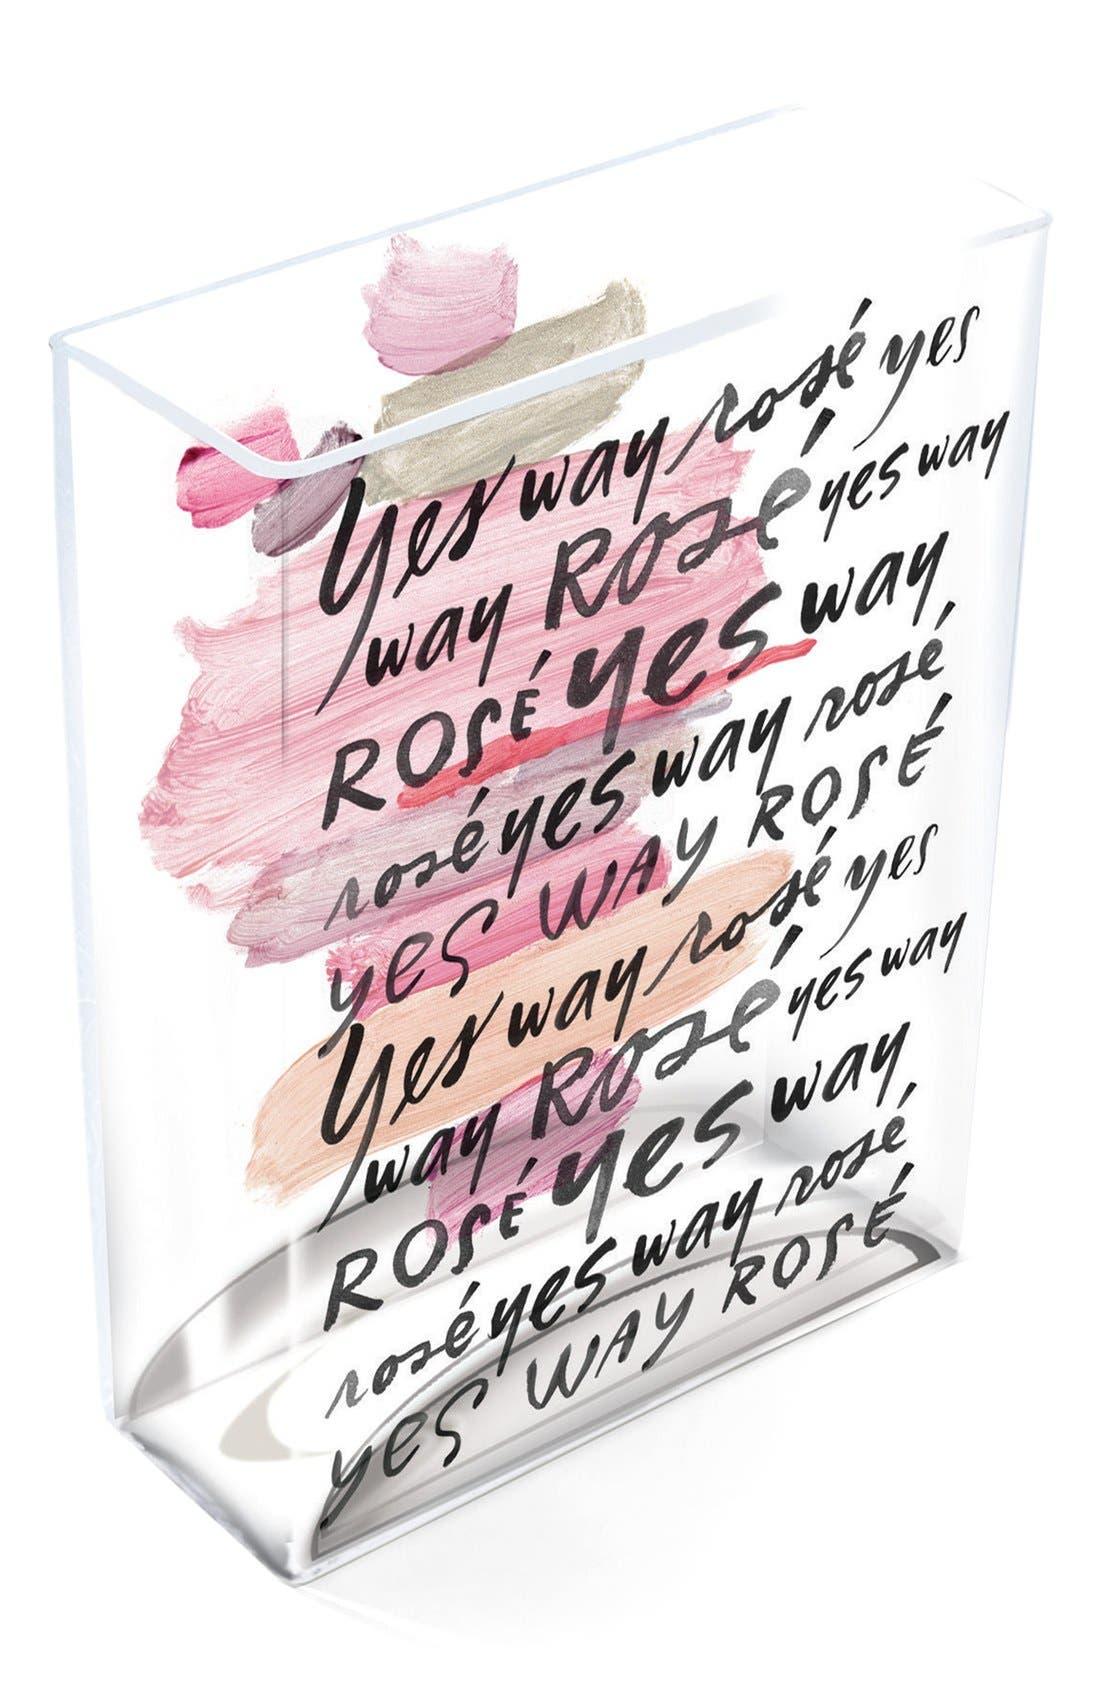 Main Image - Fringe Studio Yes Way Rosé Glass Vase